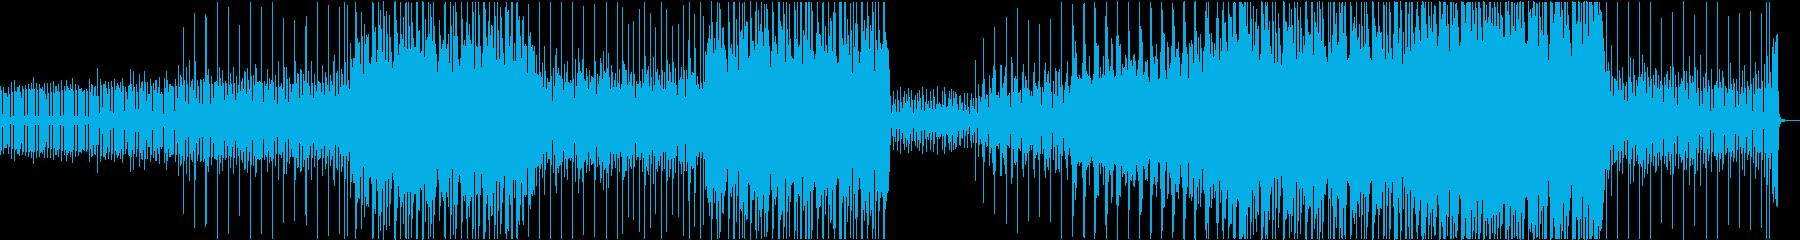 ハロウィンの時期に不気味不思議アコギの再生済みの波形